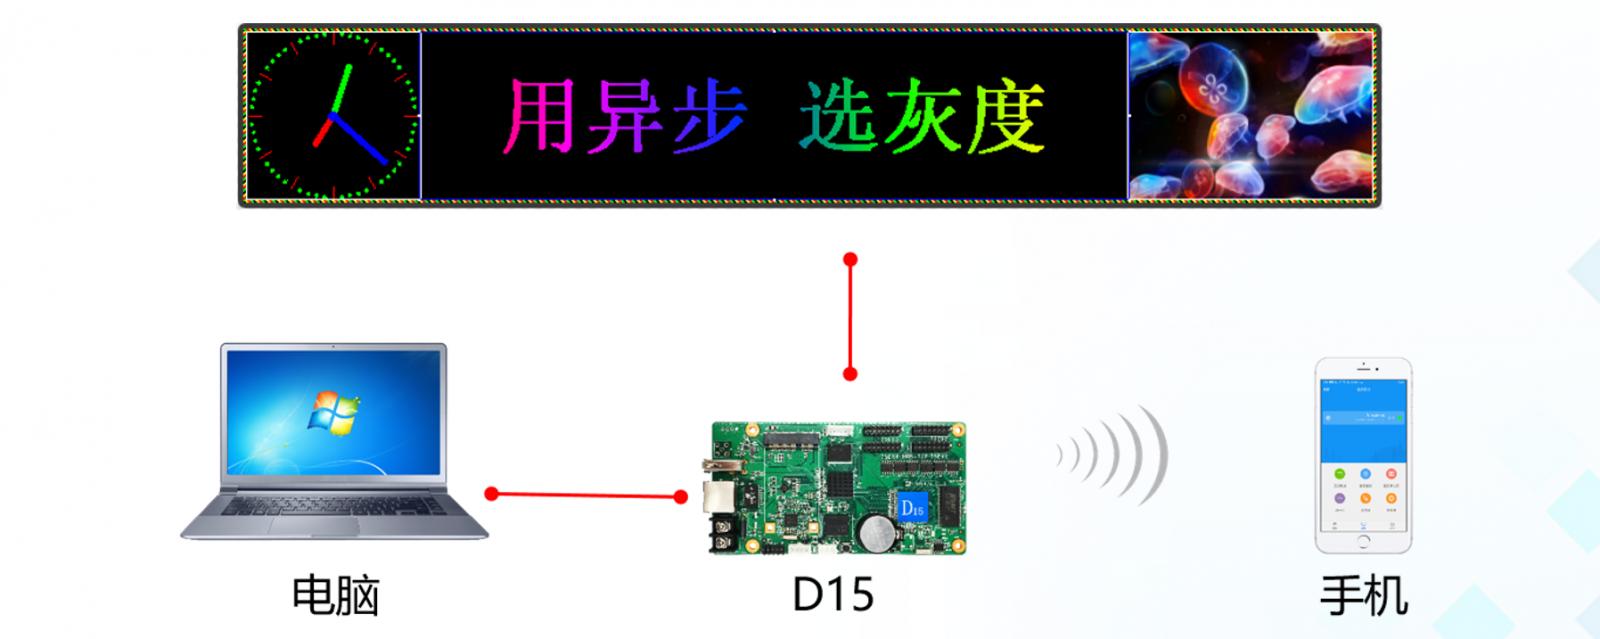 Điều khiển Mạch HD D15 qua Wifi